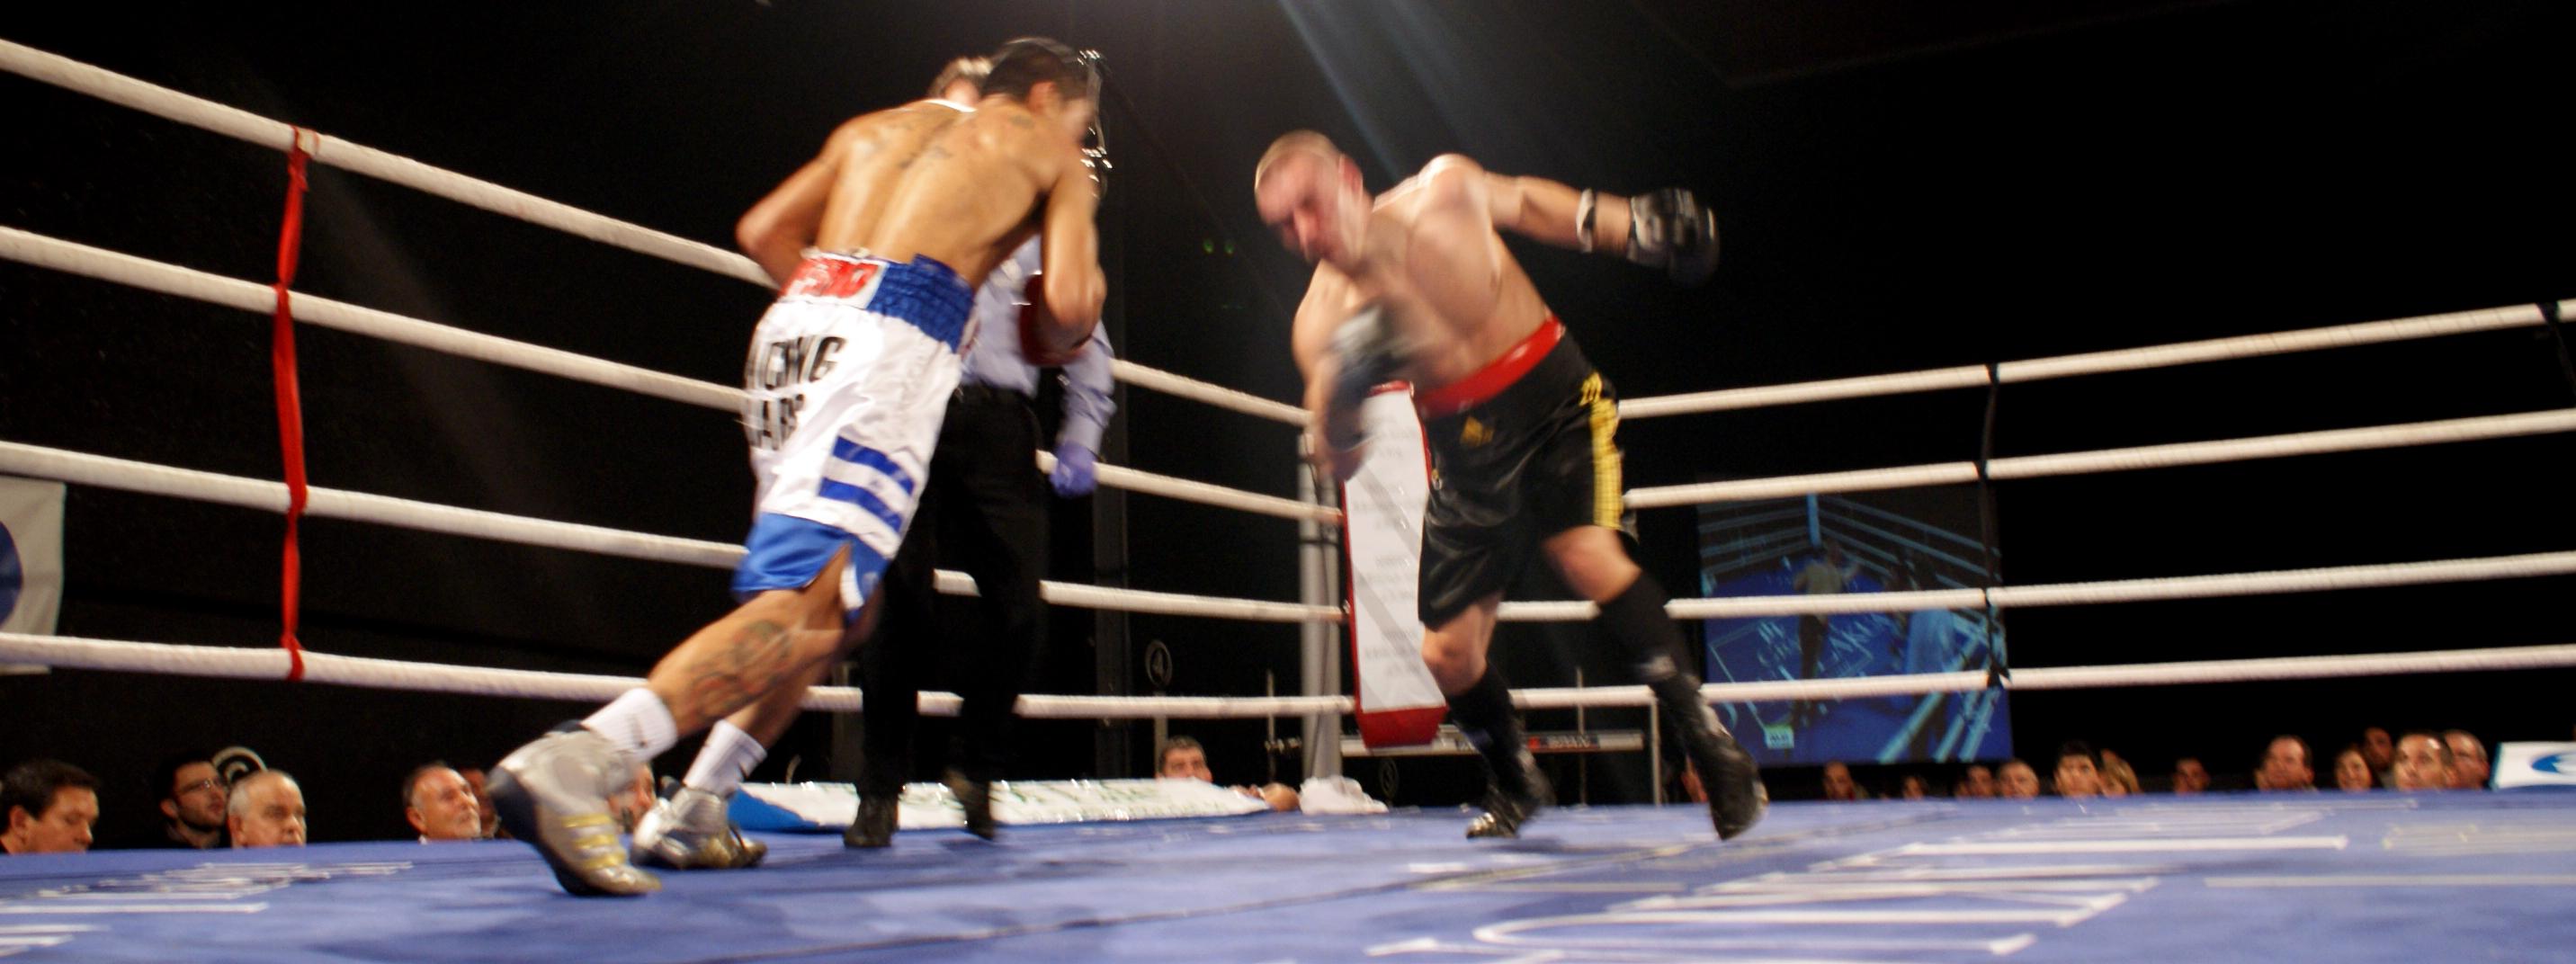 Boxeo Bilbao Cajina Shivanov